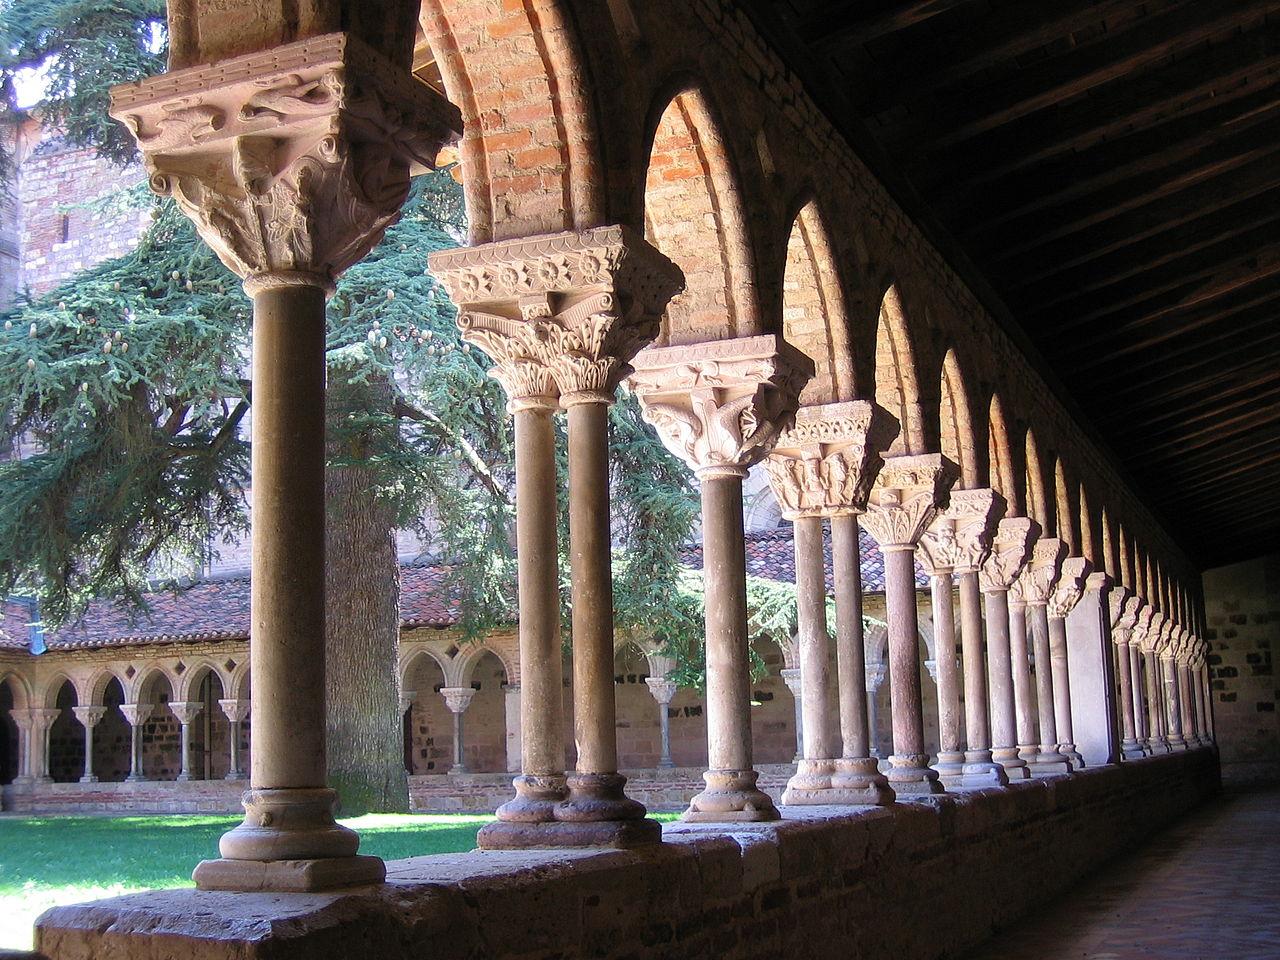 Claustro de iglesia de Moissac